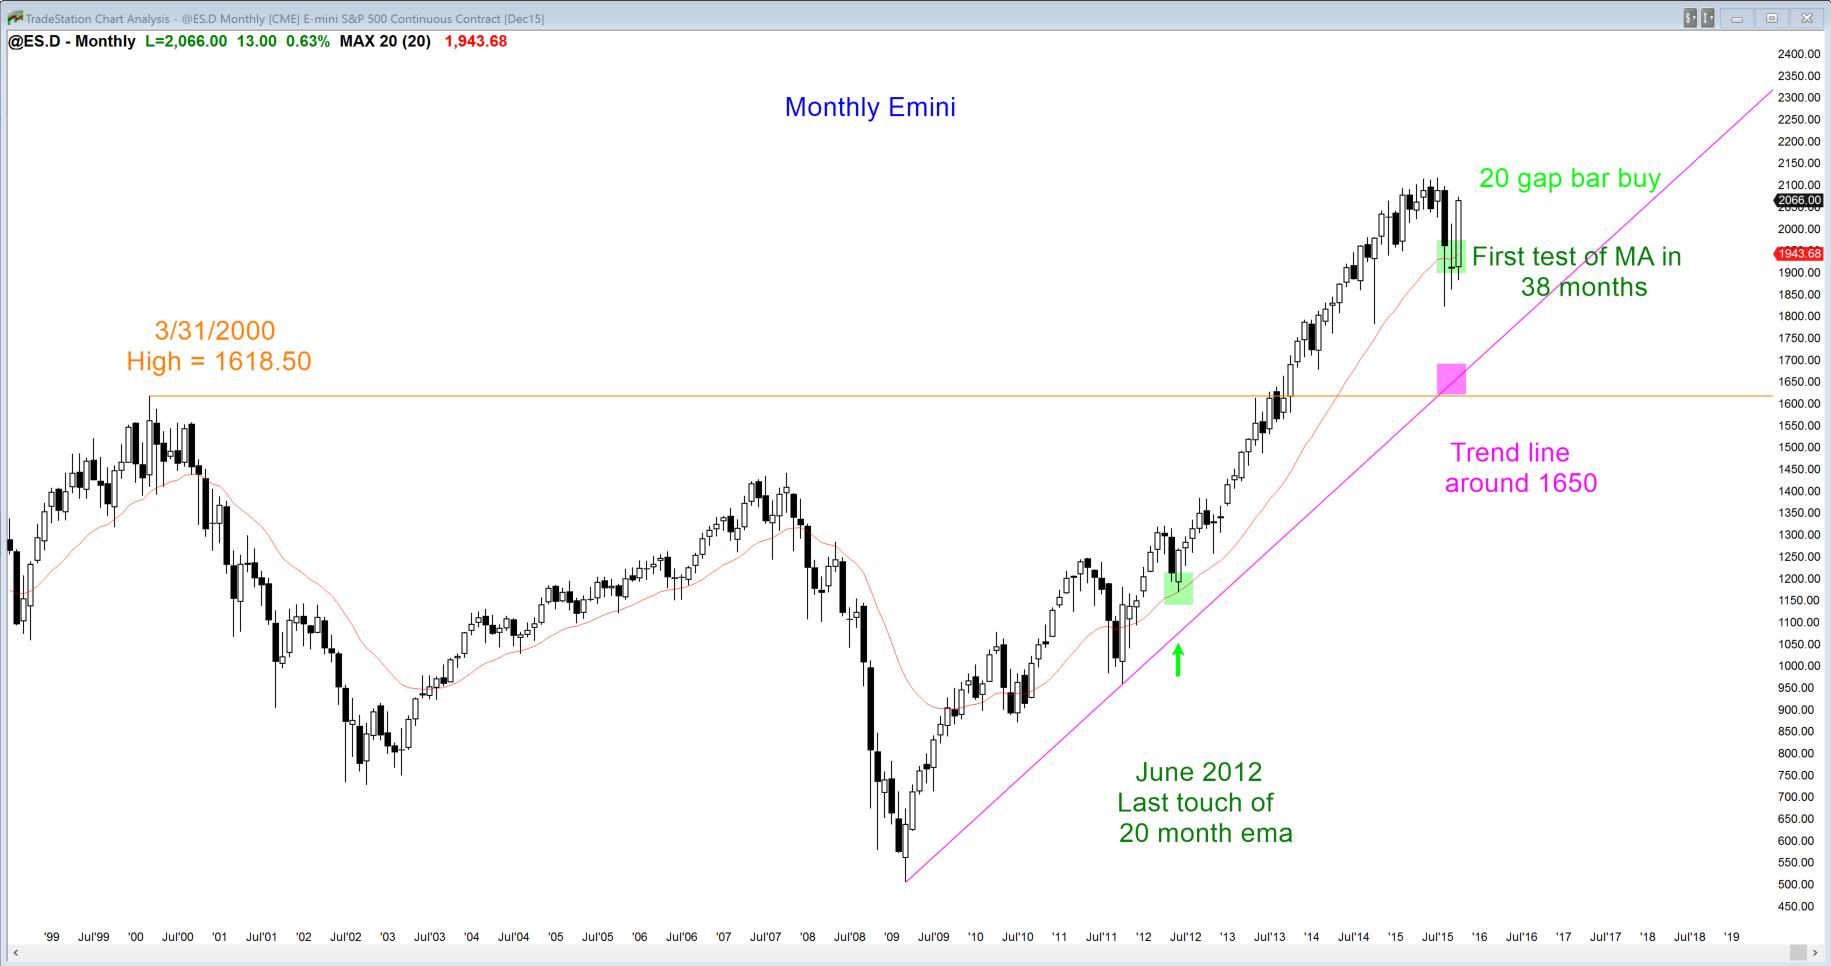 Na miesięcznym wykresie S&P500 Emini widać wyraźne odwrócenie po pierwszym od 38 miesięcy zejściu do średniej ruchomej